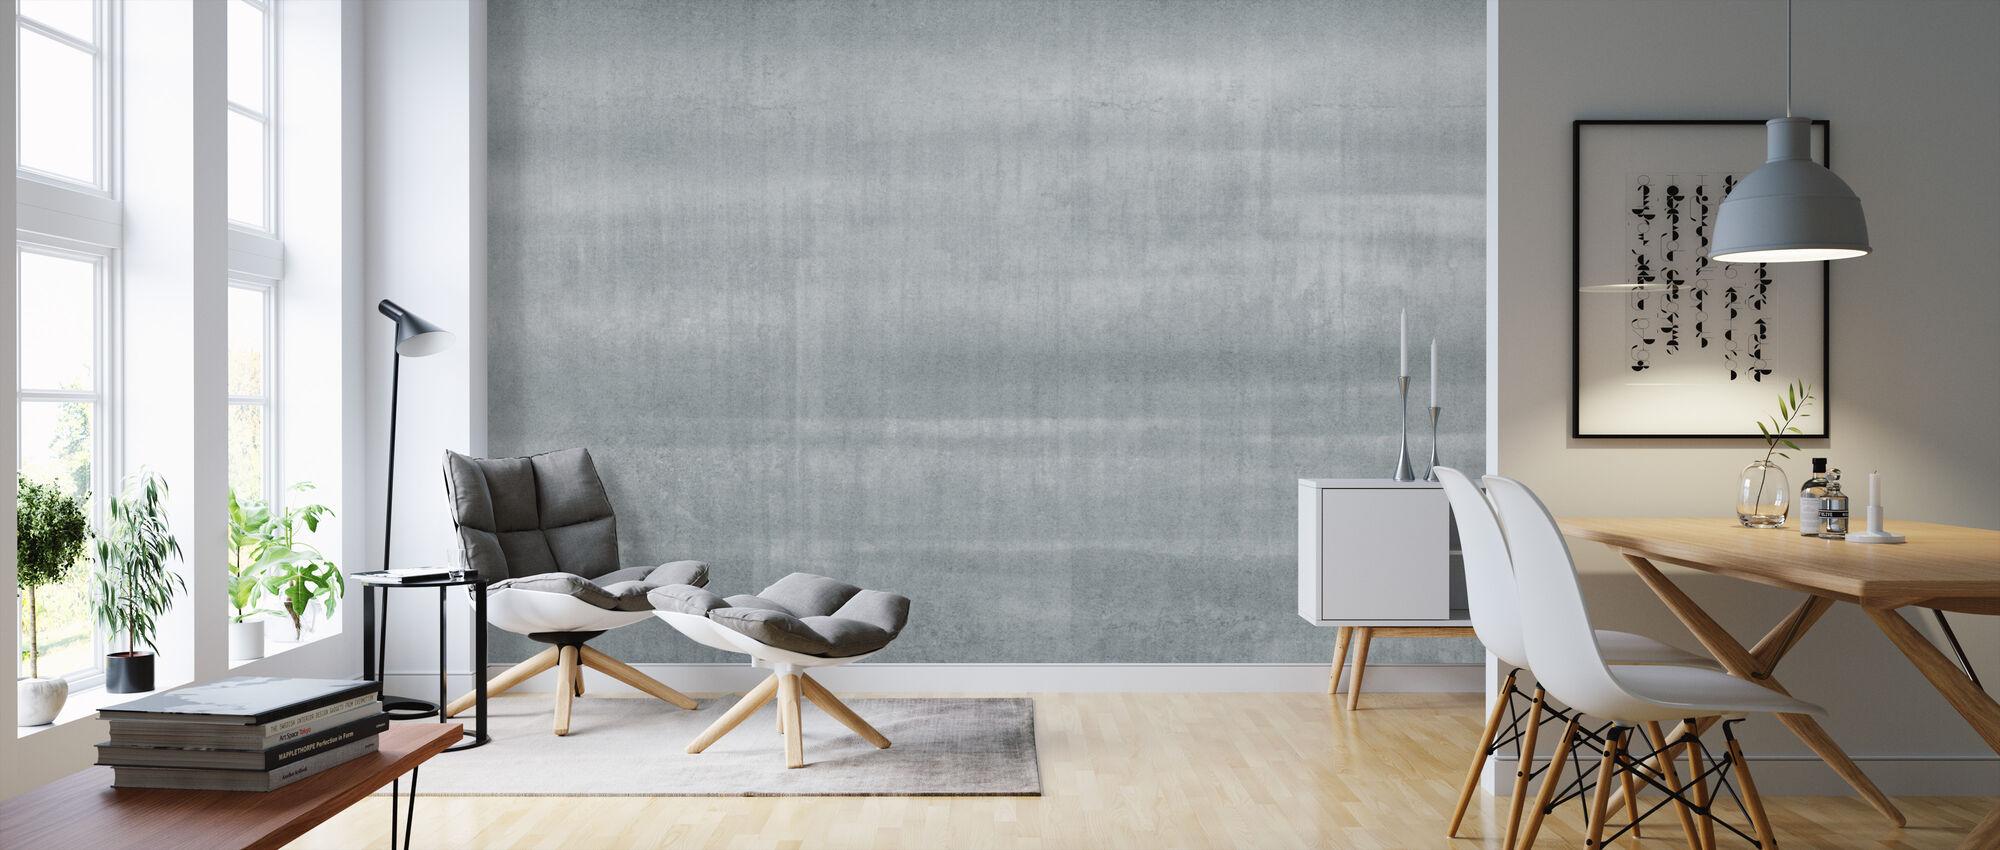 Gladde betonnen muur - Behang - Woonkamer